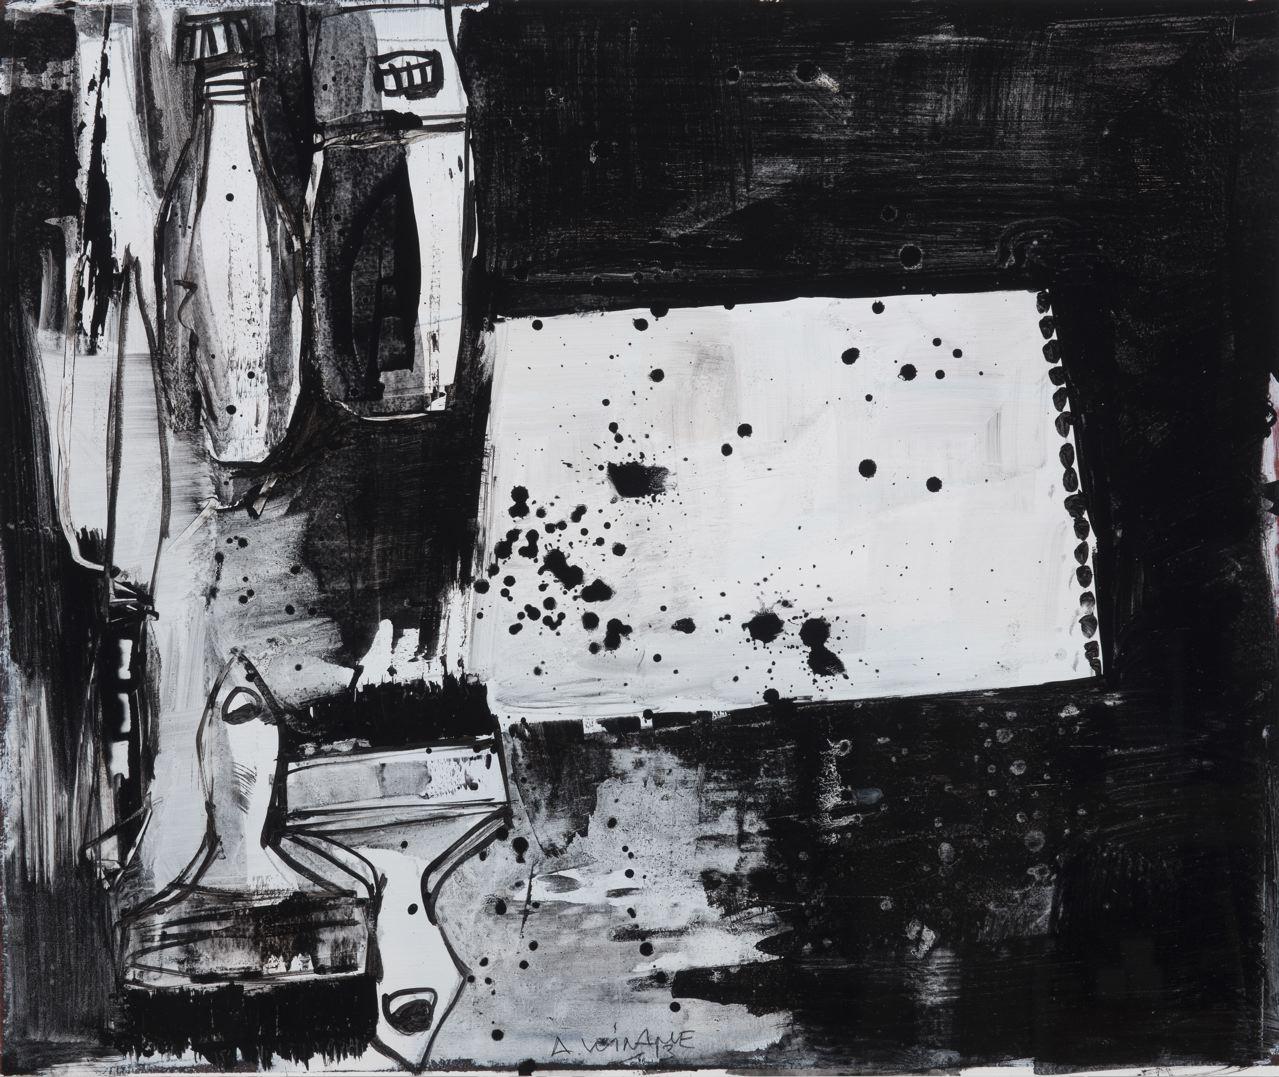 La-page-blanche-II-2014-encre-s-papier-57x67-cm.-